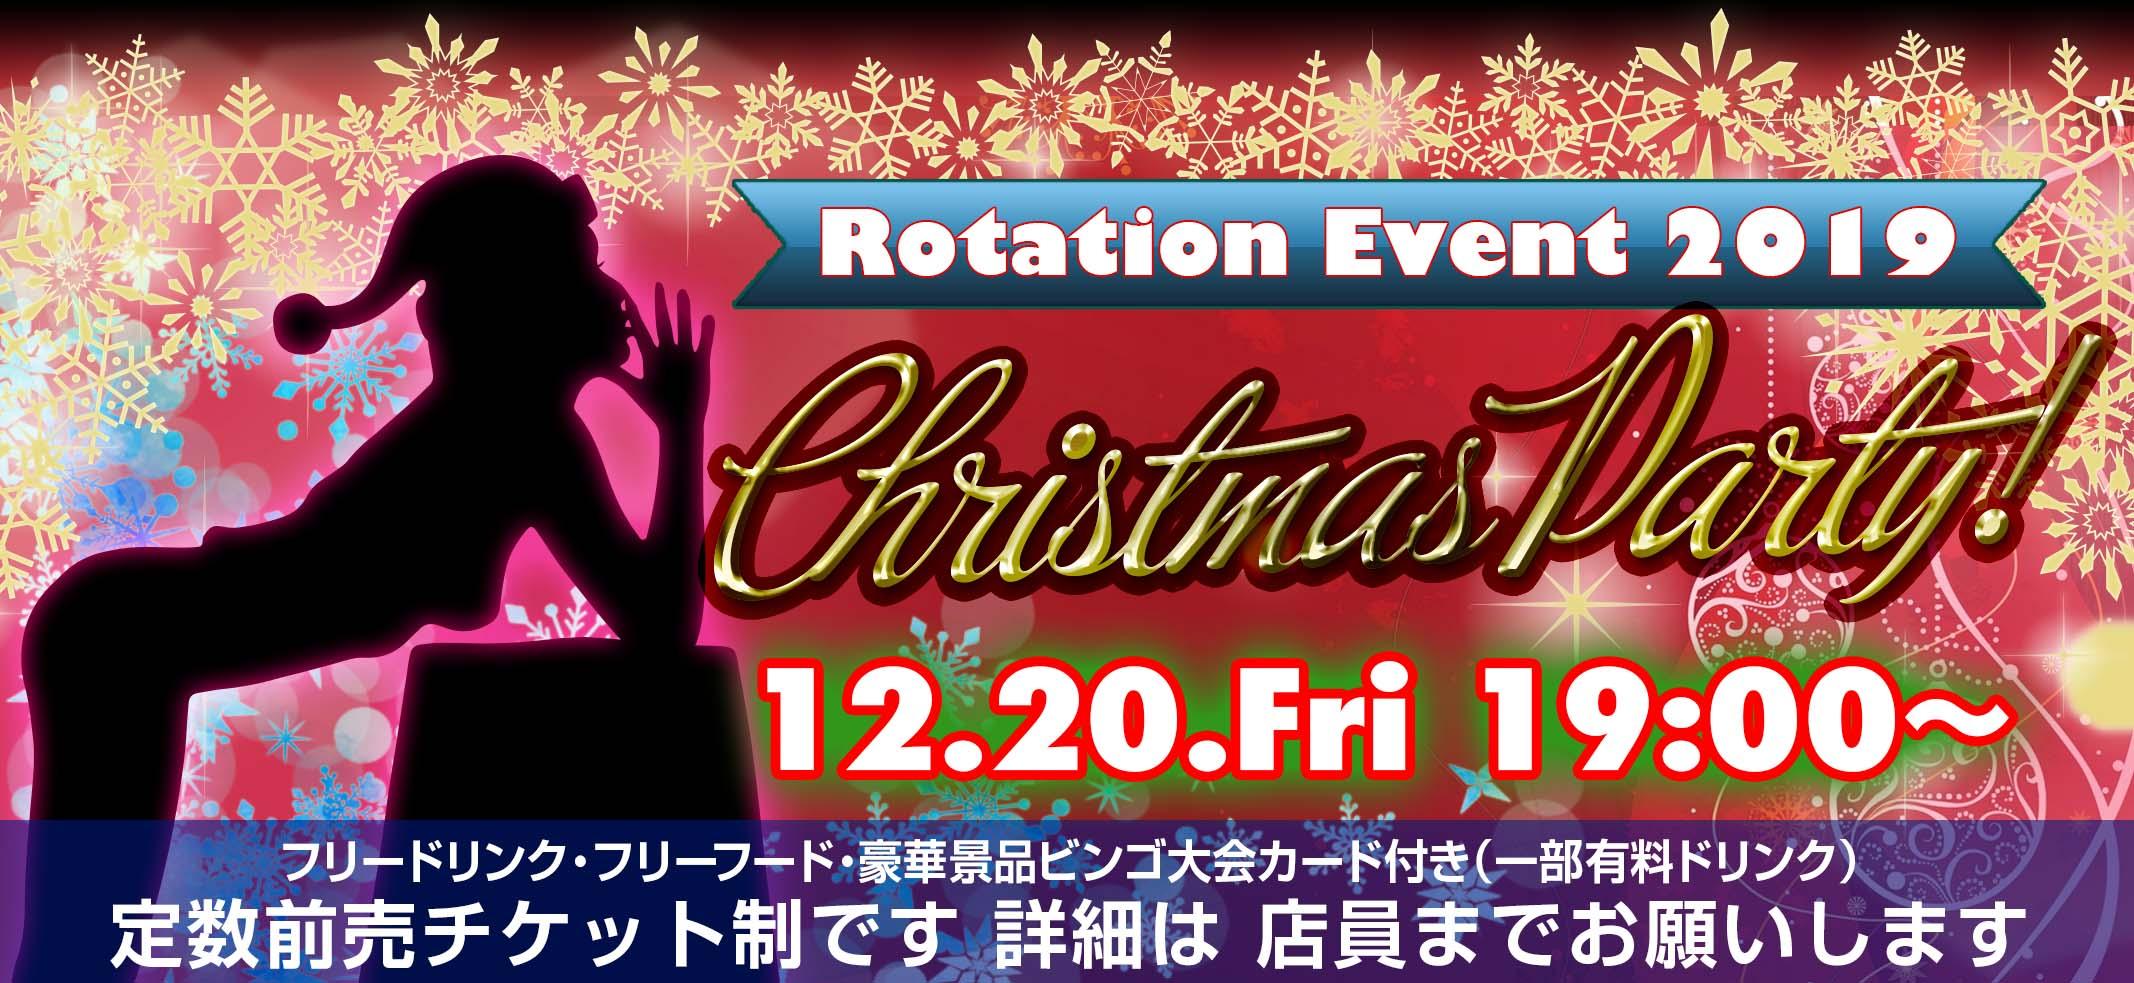 2019年12月20日令和元年初のクリスマスイベント・RotaTionは風俗・ハプニングバー(ハプバー)ではございません